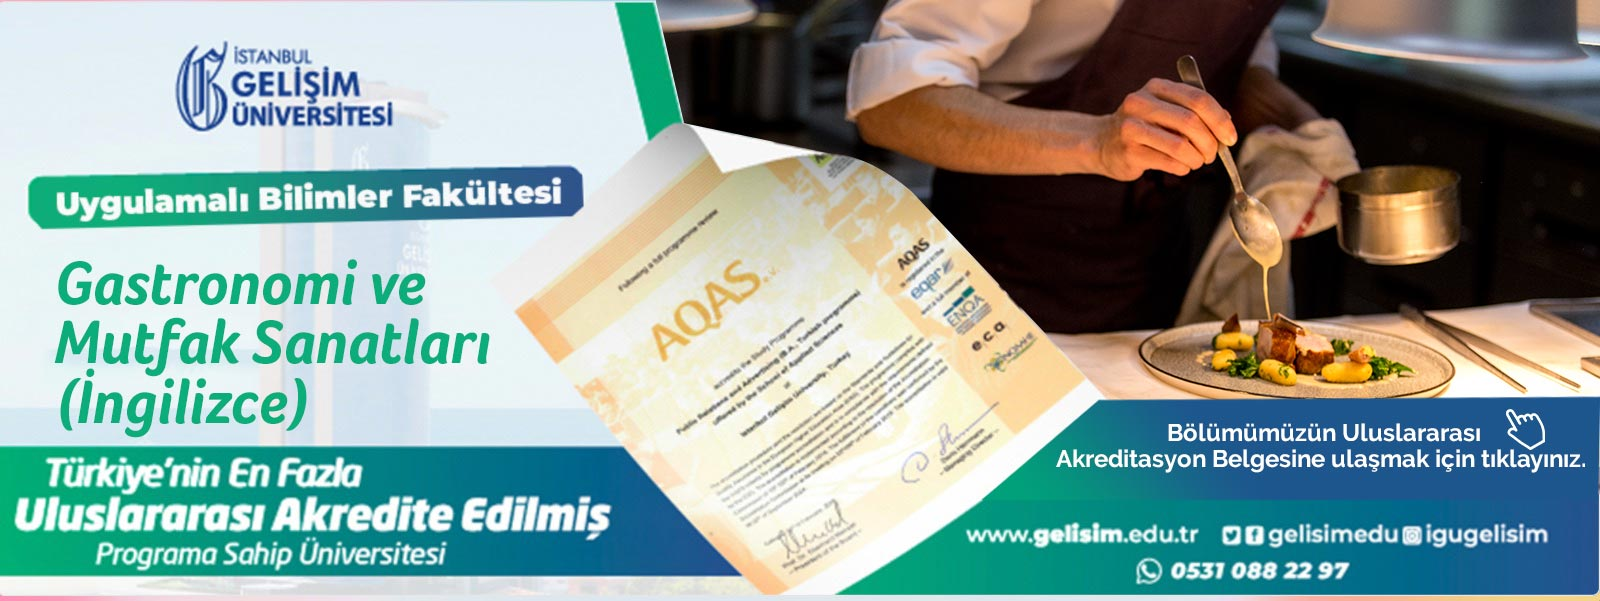 GASTRONOMİ VE MUTFAK SANATLARI (İNGİLİZCE)  - Accreditation